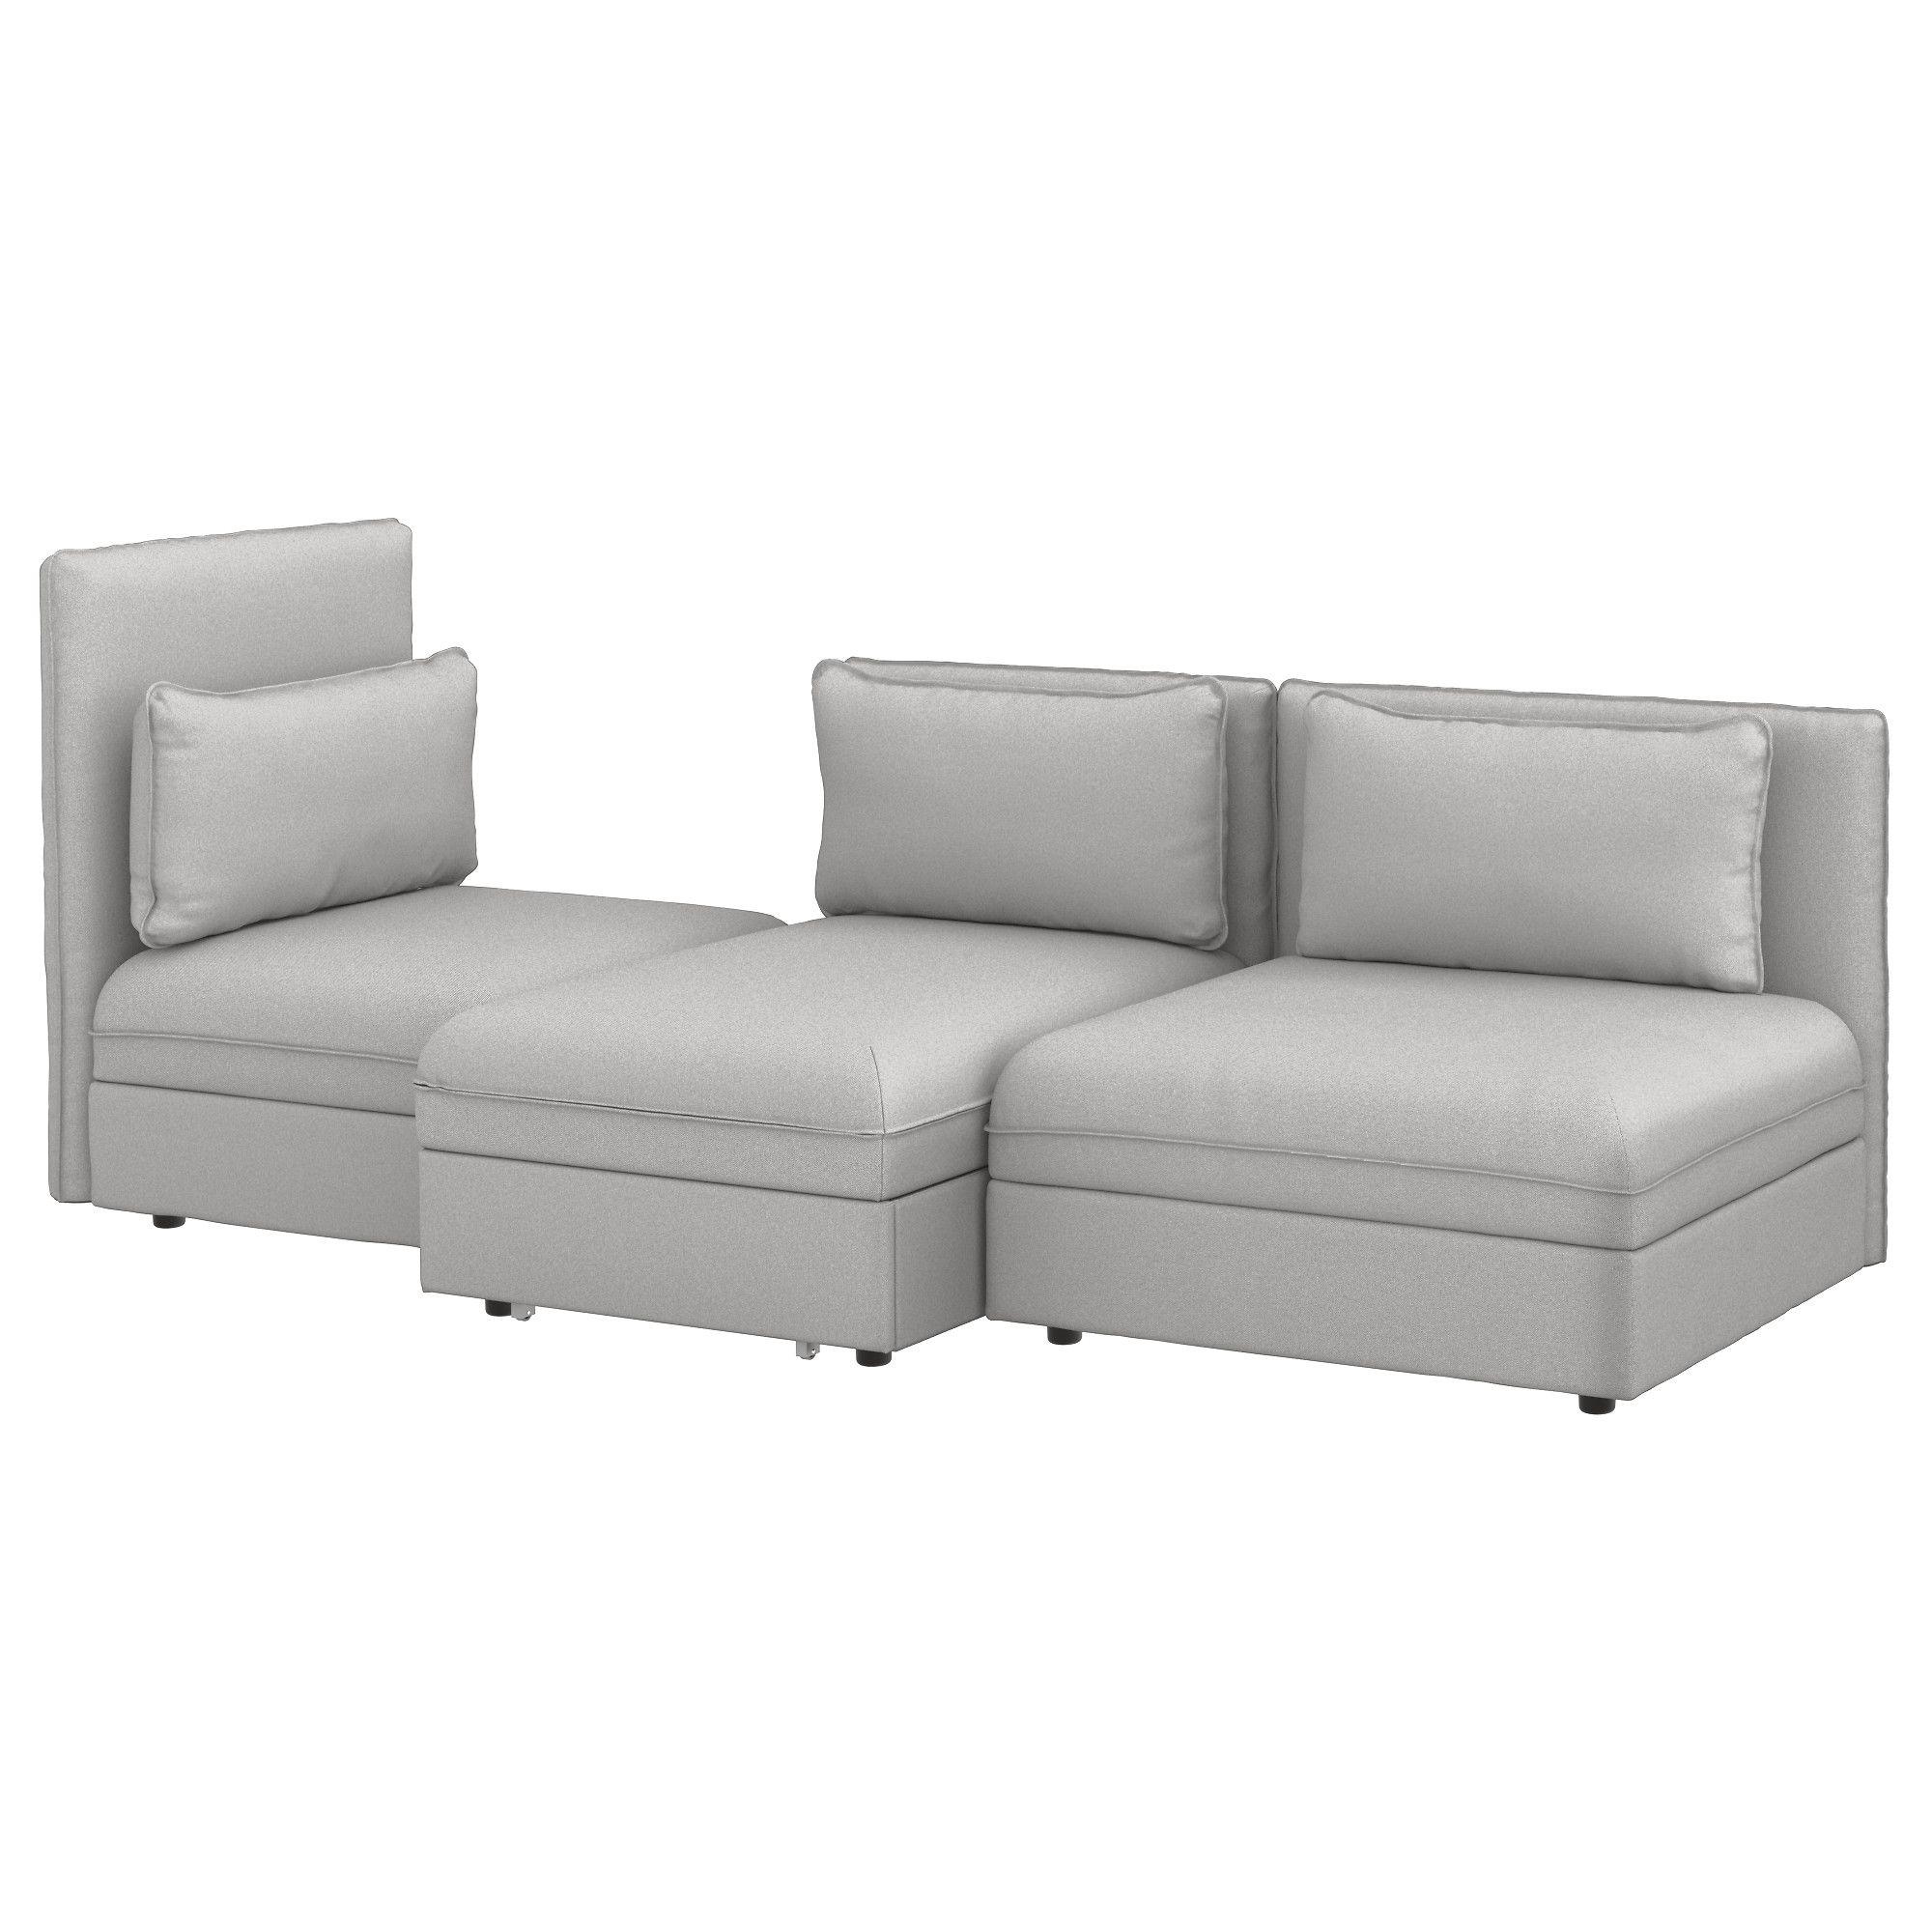 VALLENTUNA 3er Sofa mit Liege Orrsta hellgrau hellgrau Jetzt